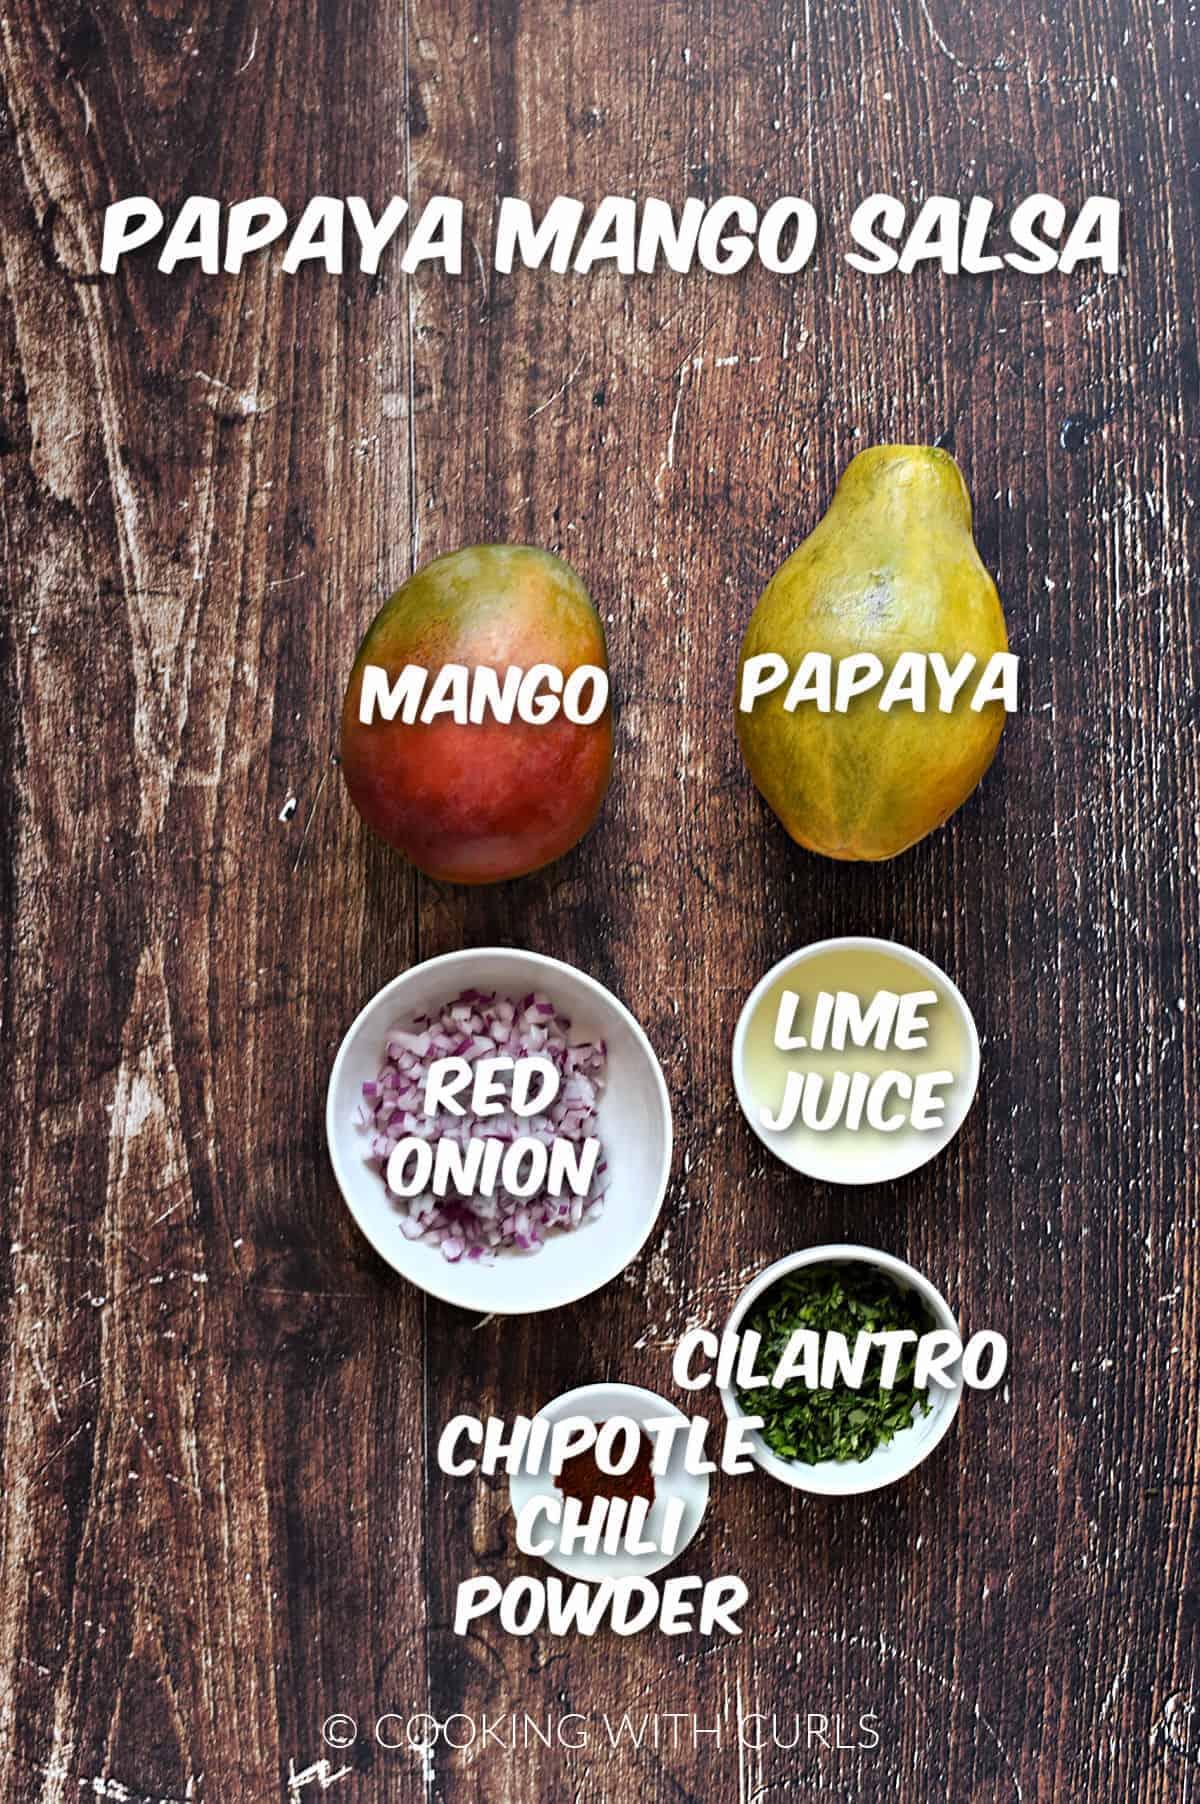 A mango, papaya, chopped red onions, lime juice, chopped cilantro, and chipotle chili powder to make papaya mango salsa.